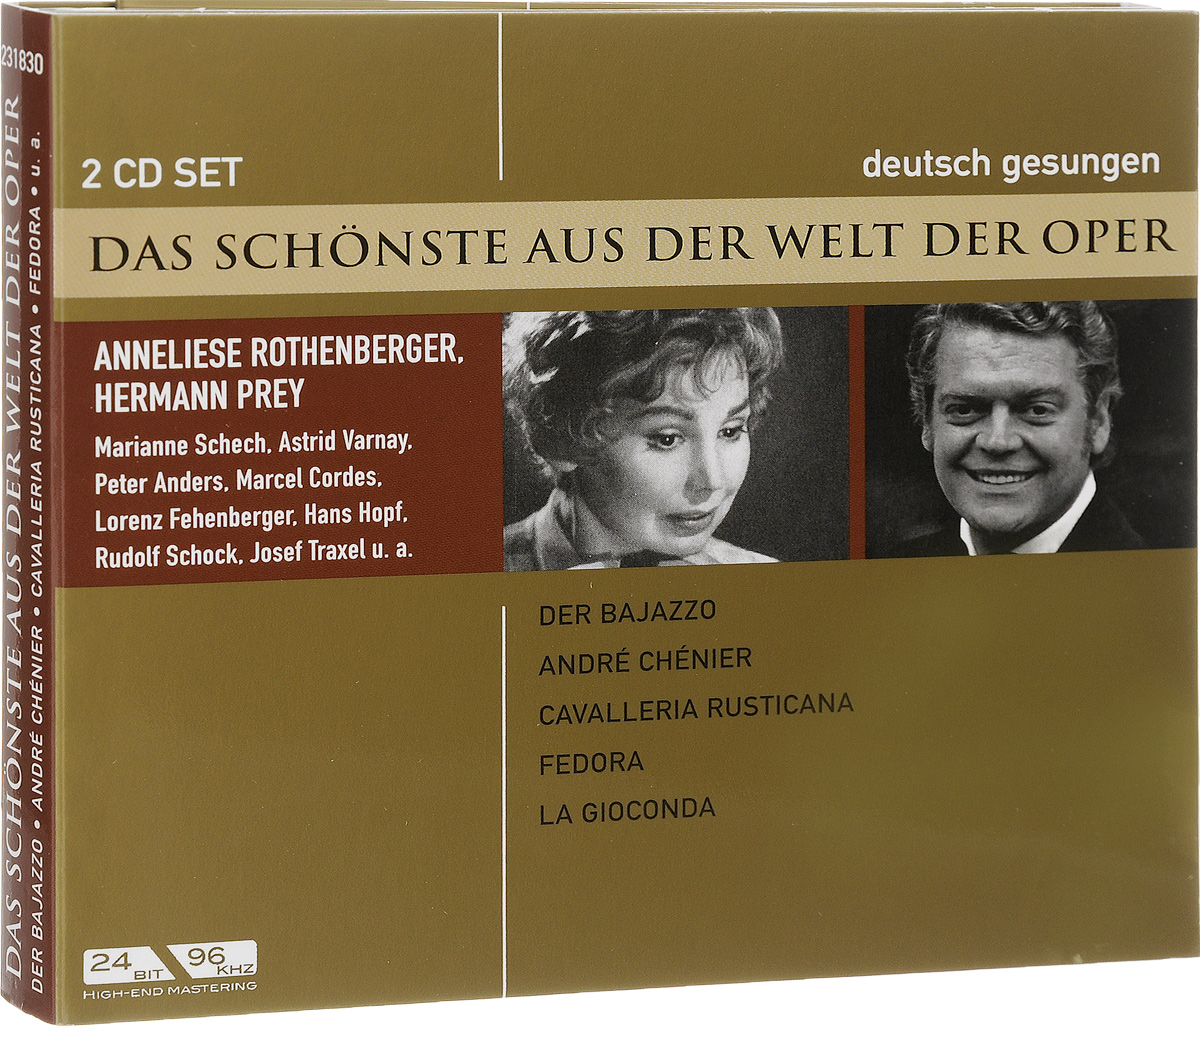 Аннелизе Ротенбергер,Херманн Прей Das Schonste Aus Der Welt Der Oper. Rothenberger / Prey. Der Bajazzo / Cavalleria Rustica (2 CD) games das speil der berufe a2 page 2